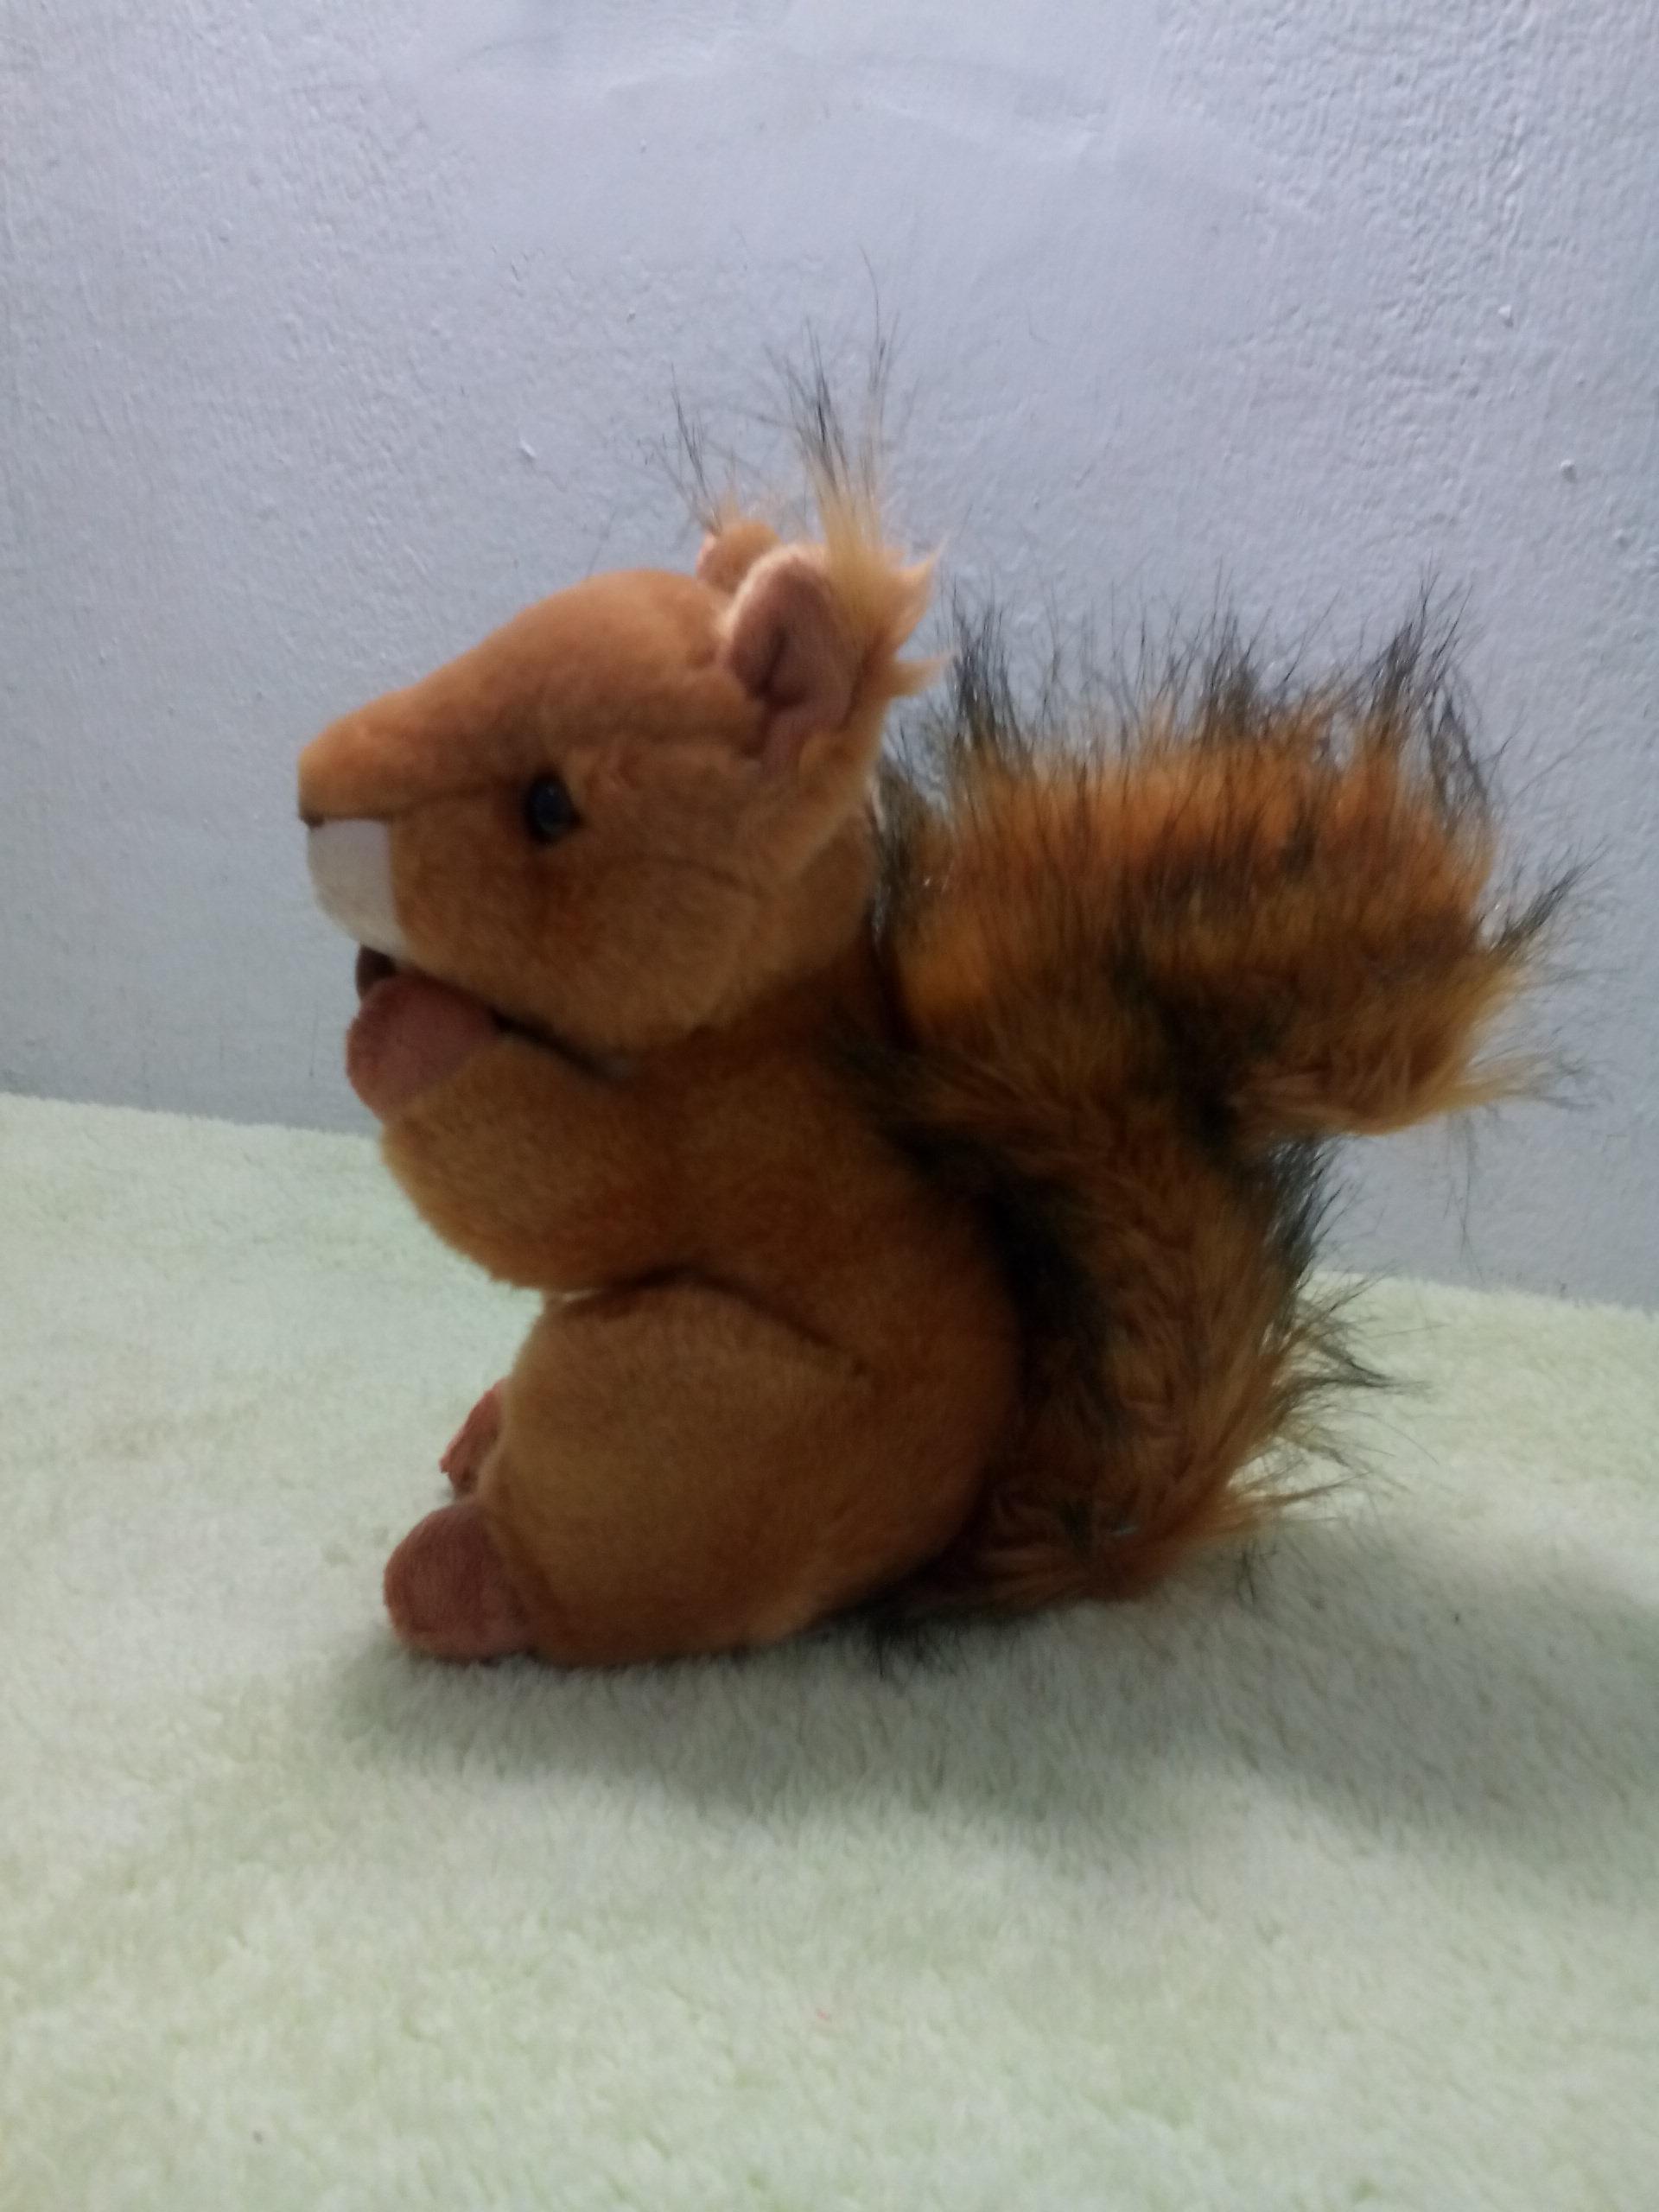 Jual Boneka Lucu Tupai Mainan Anak Cek Harga Di Murah